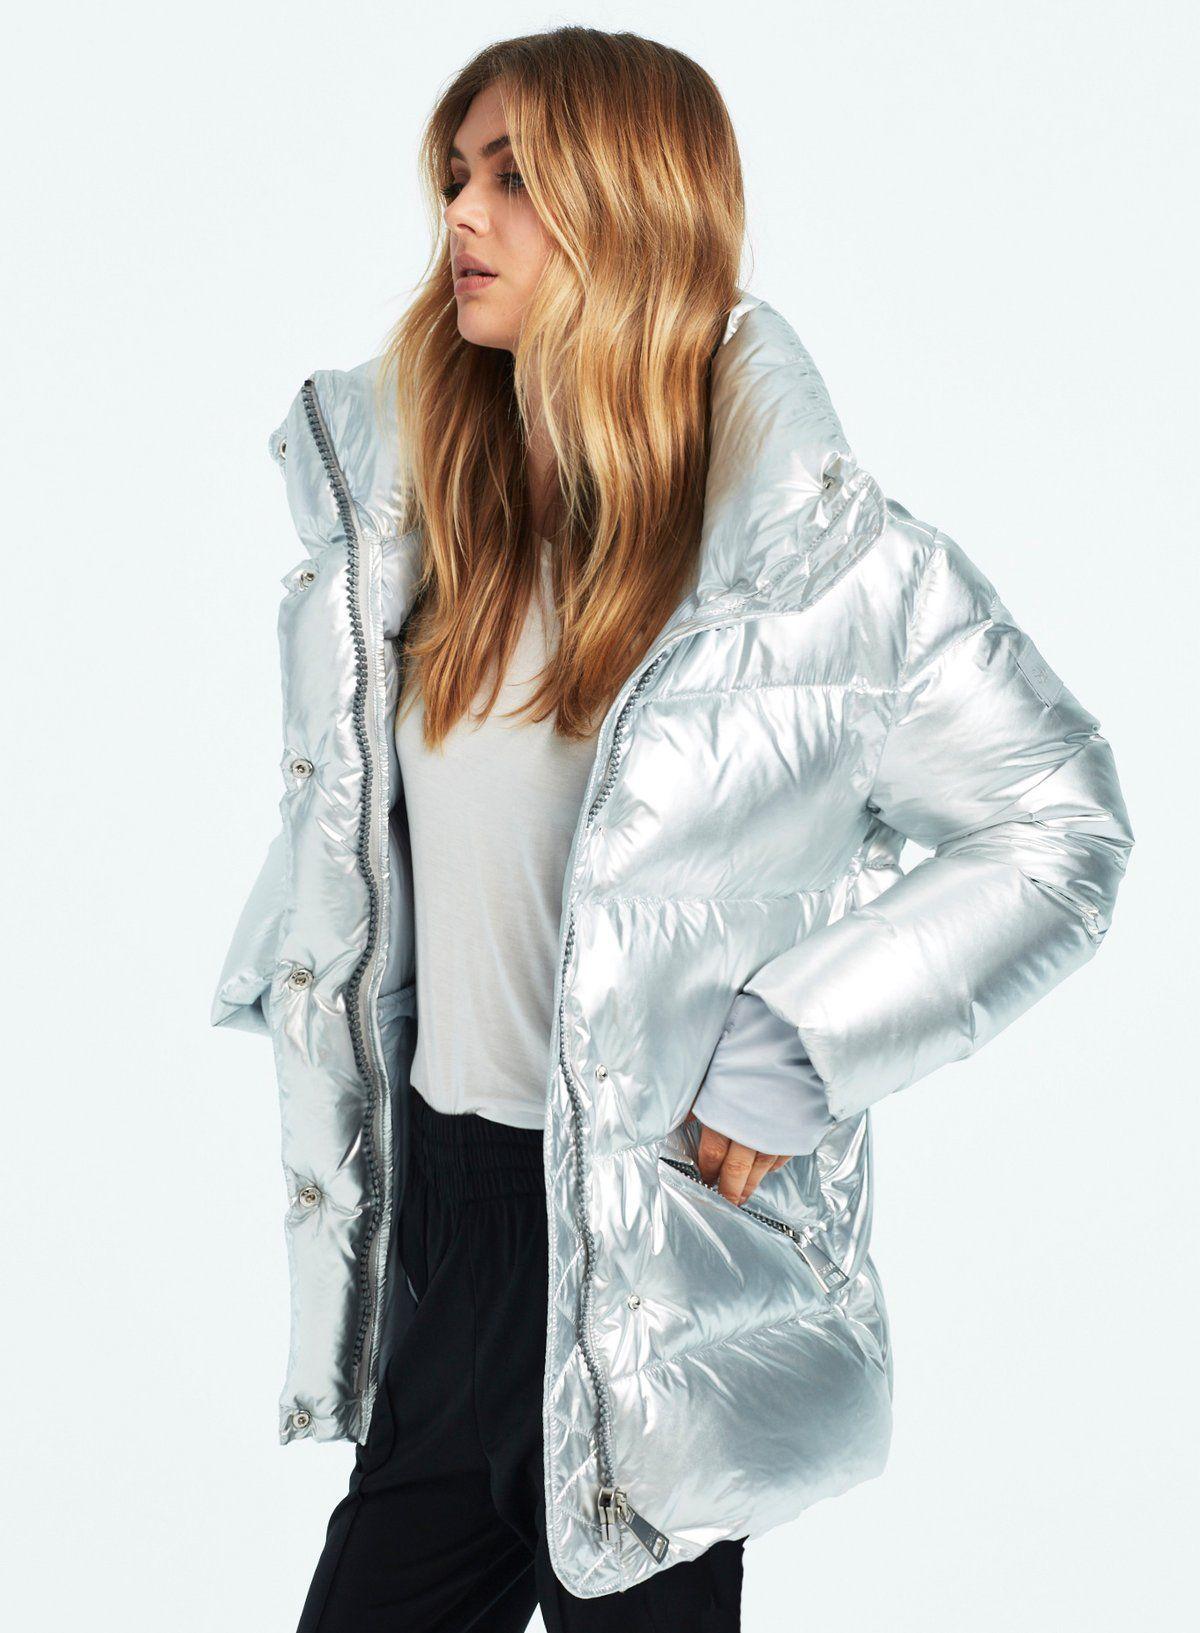 Zoe Silver Ice Womens Winter Fashion Outfits Fashion Coats For Women [ 1633 x 1200 Pixel ]